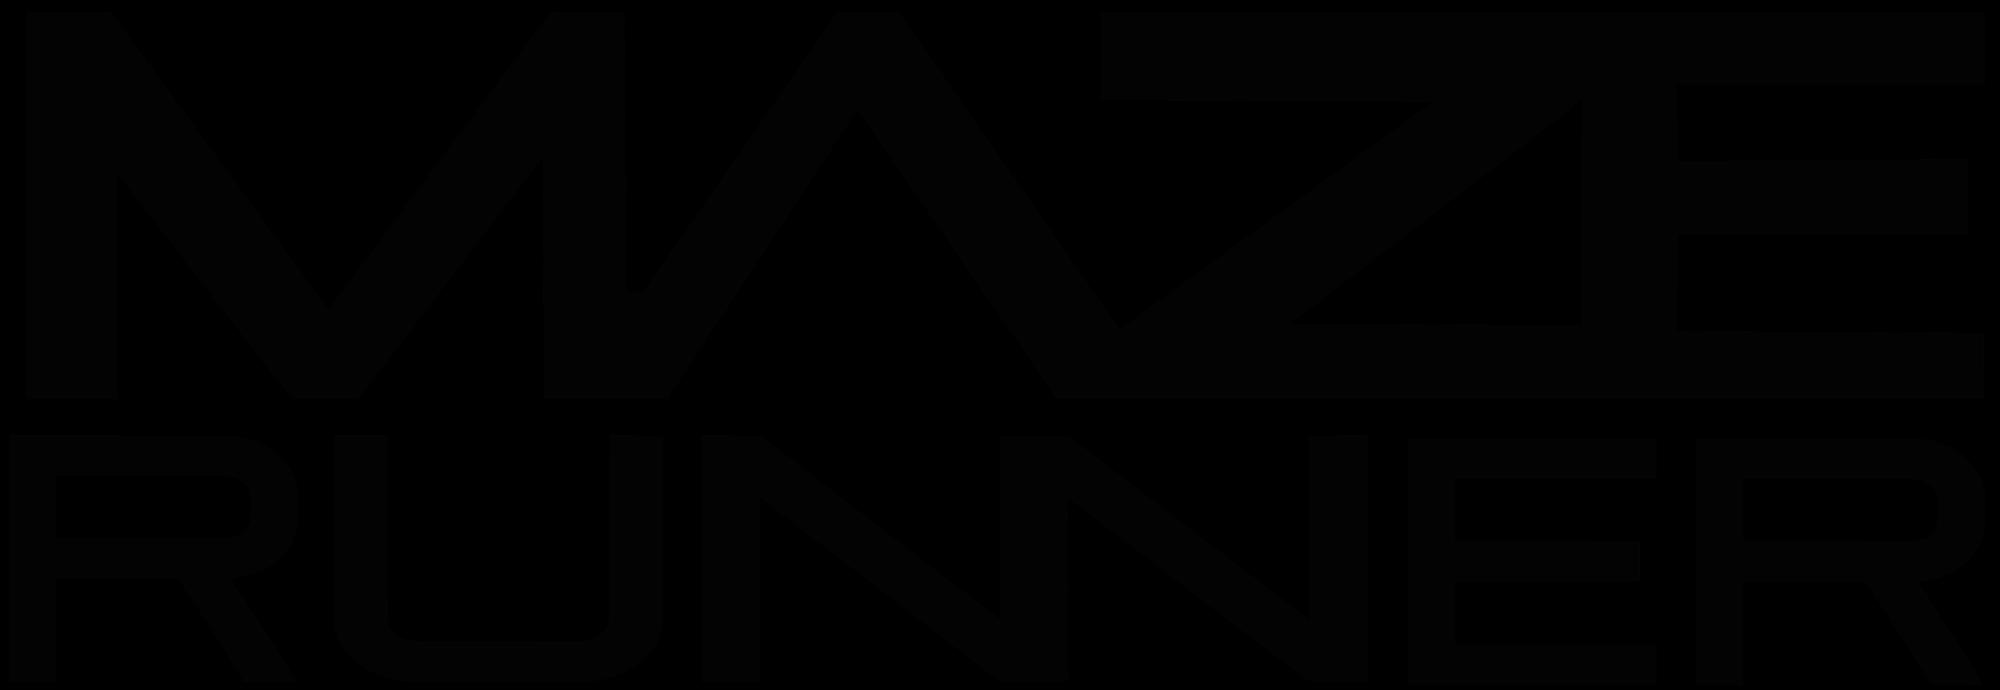 banner black and white maze vector runner #99509547